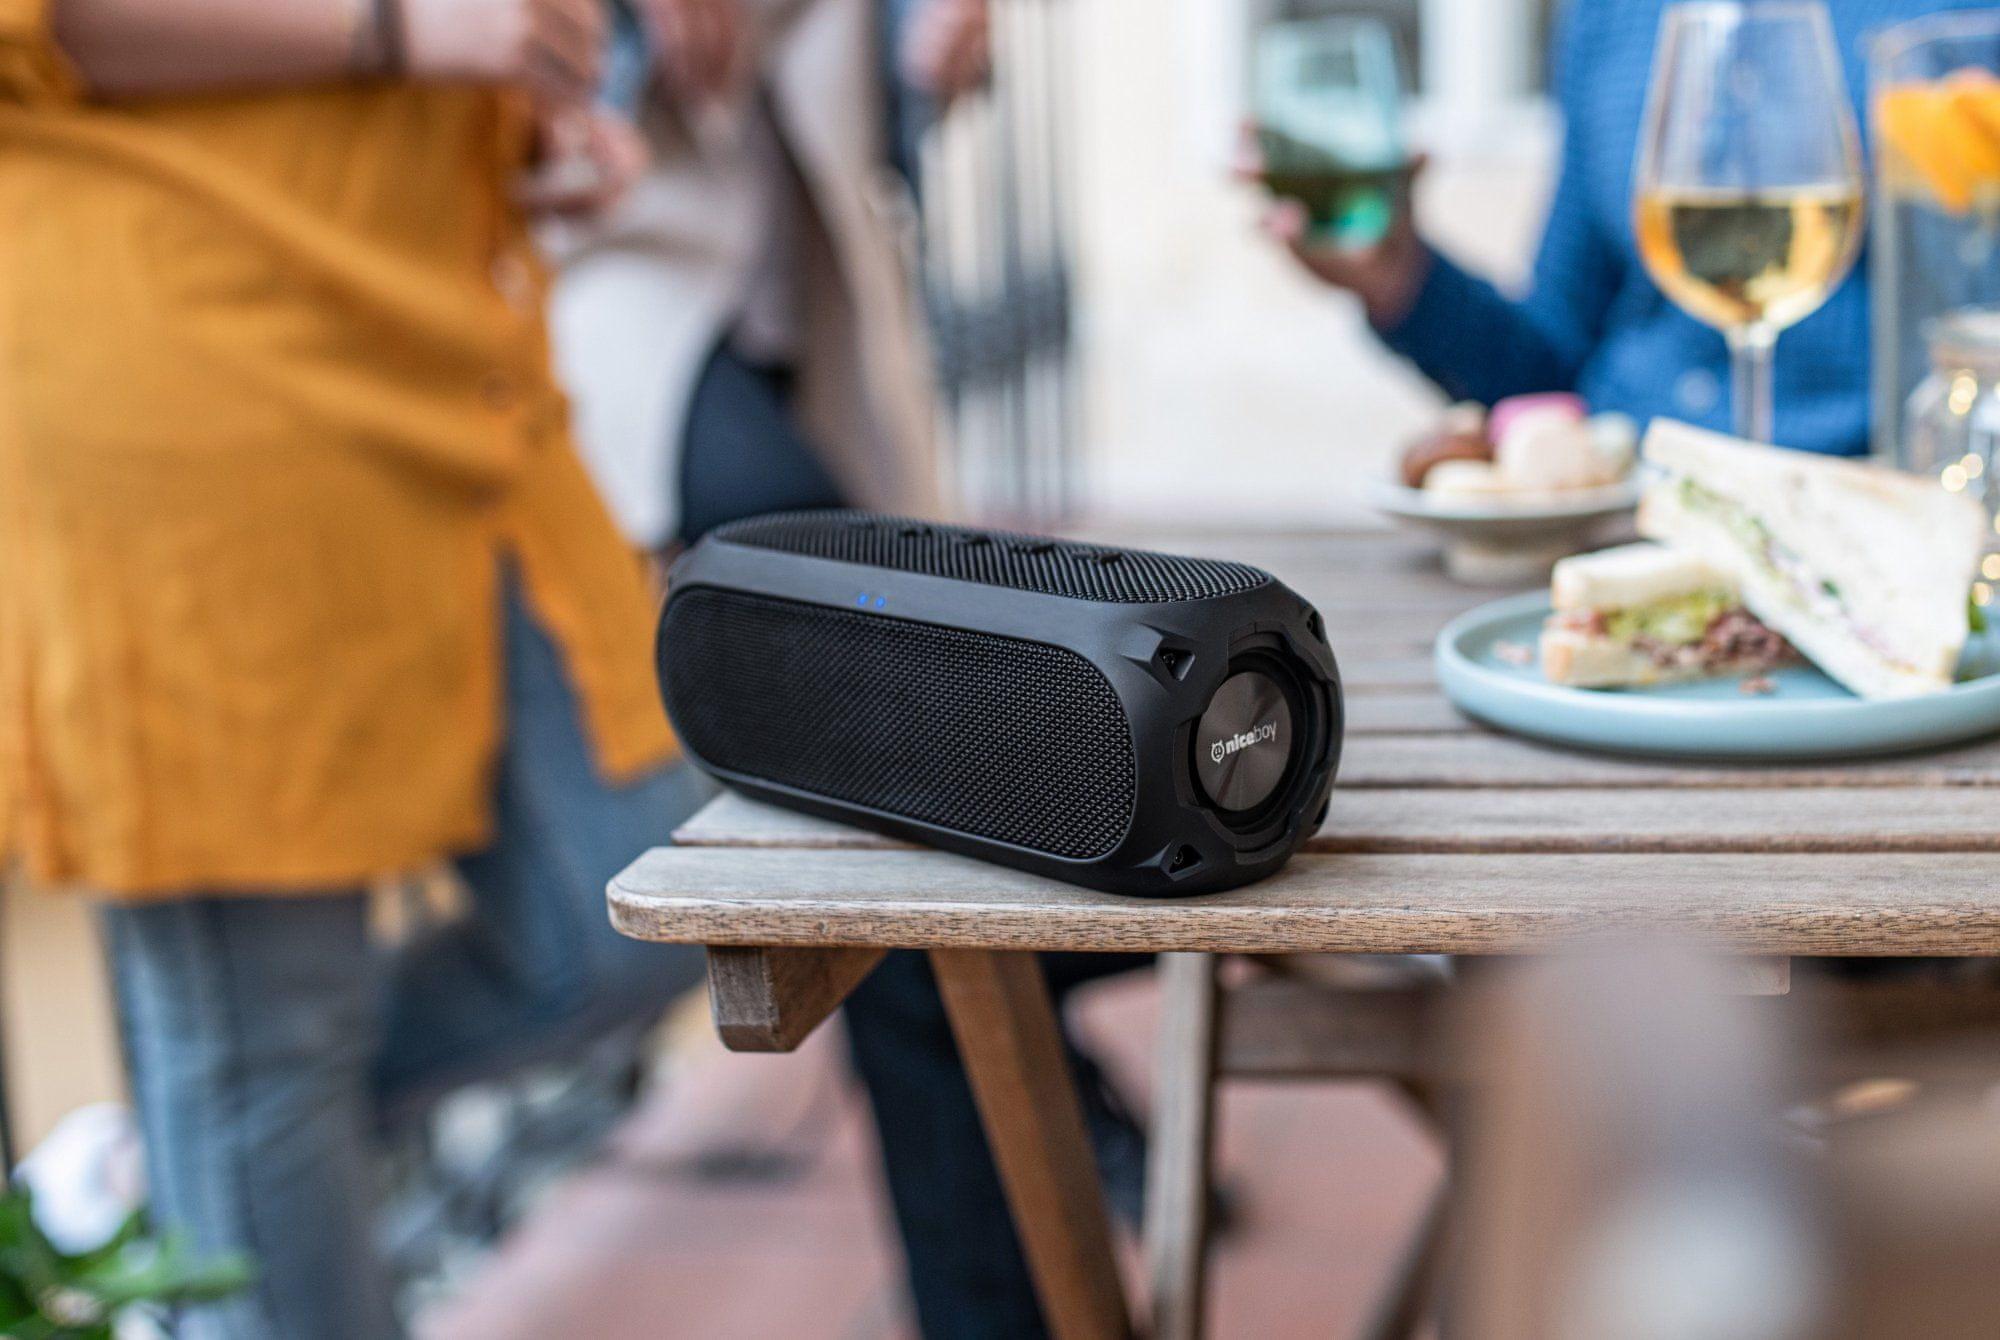 Bluetooth reproduktor niceboy raze 3 radion kompaktní rozměry voděodolný hudební výkon 24 w tws funkce aux vstup usb port fm tuner slot na sd karty powerbanka funkce výdrž 24 h maxx bass zvýraznění basů